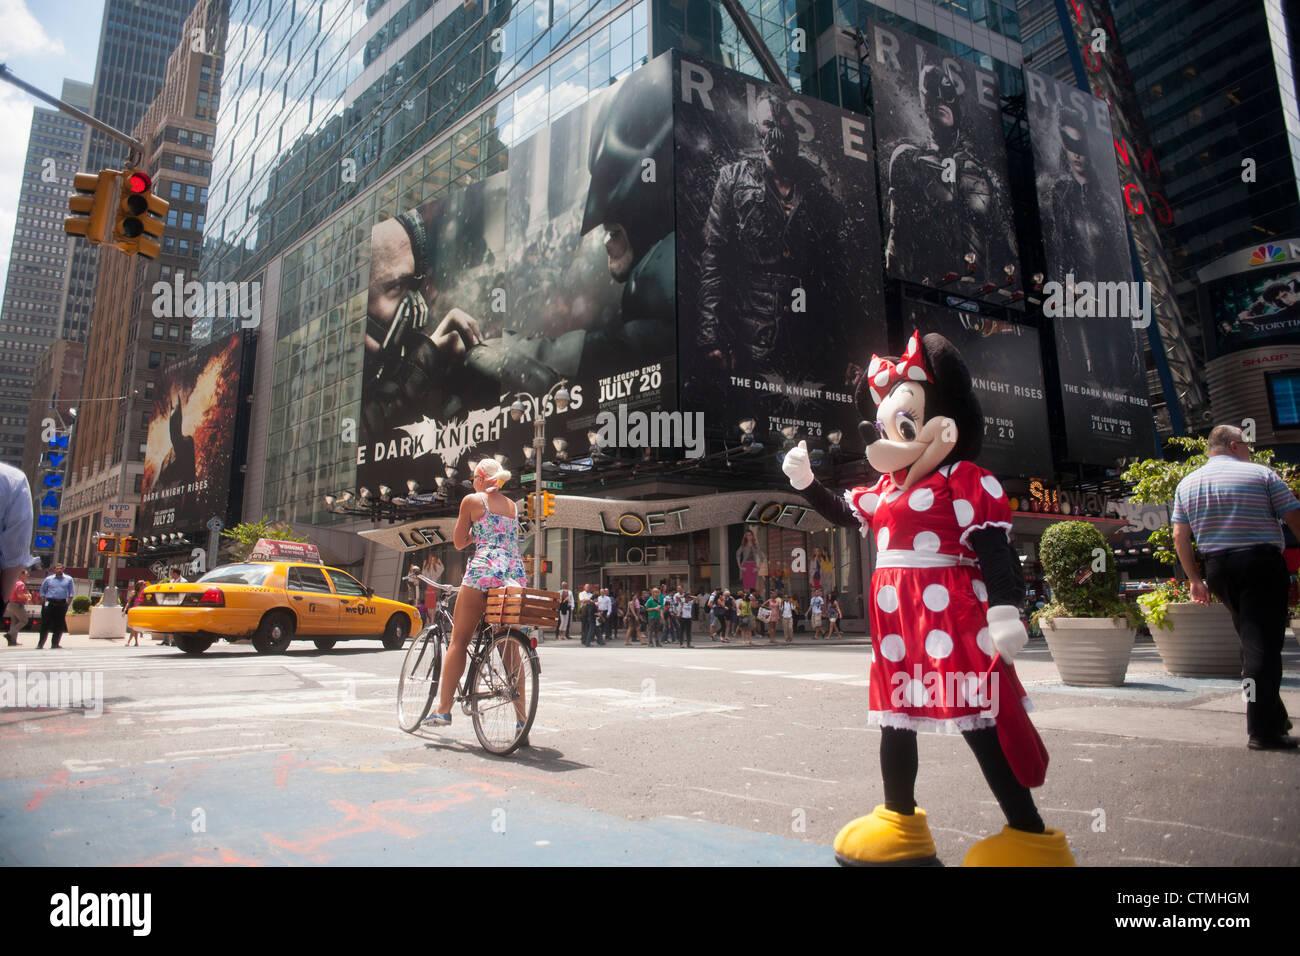 """La pubblicità per i più recenti film di Batman """"The Dark Knight sorge' è visto in Times Square Foto Stock"""